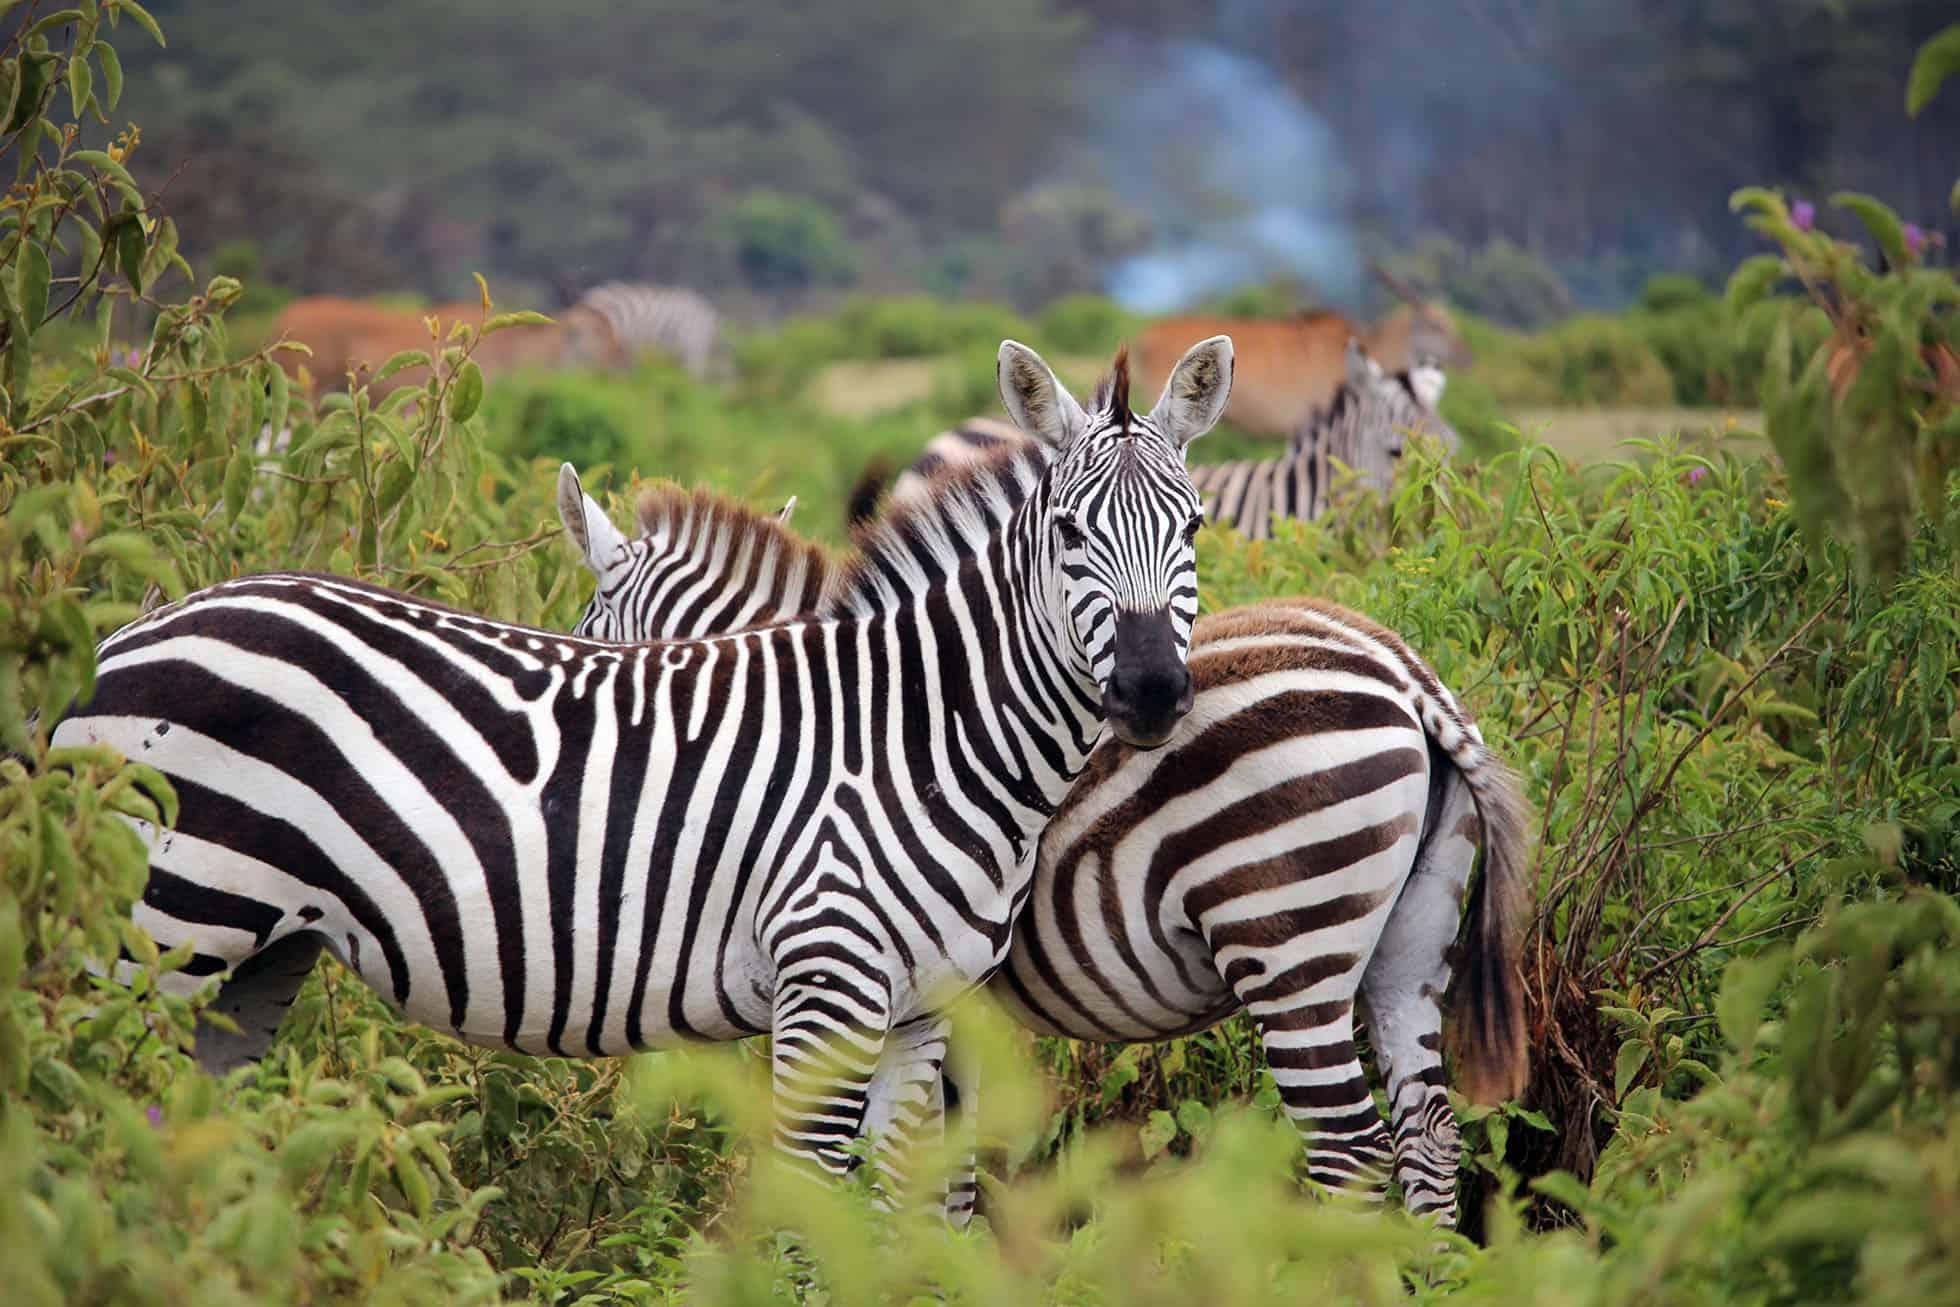 tanzaniasafaris